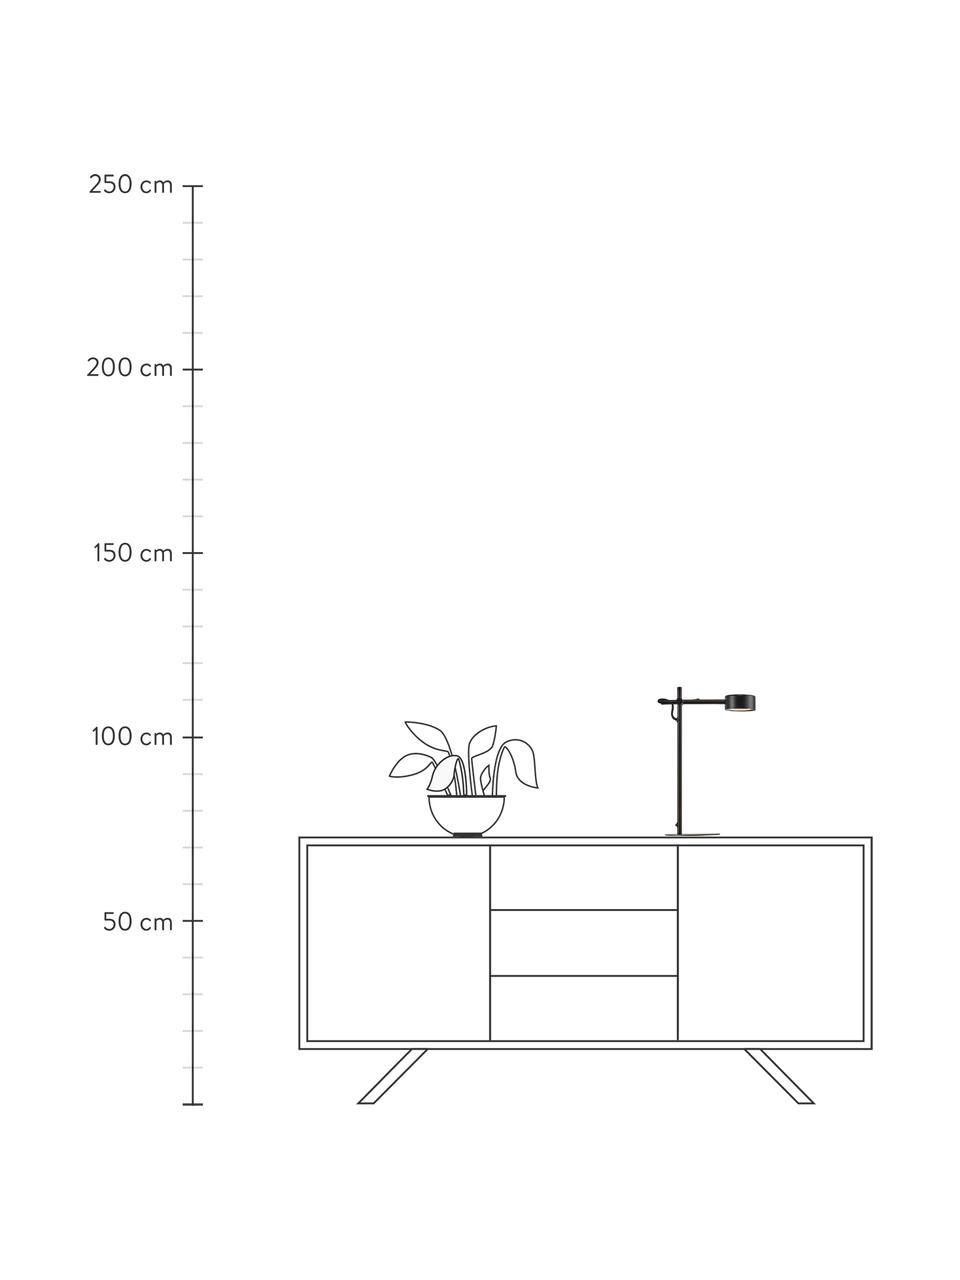 Lampa biurkowa LED z funkcją przyciemniania Clyde, Czarny, S 15 x W 41 cm